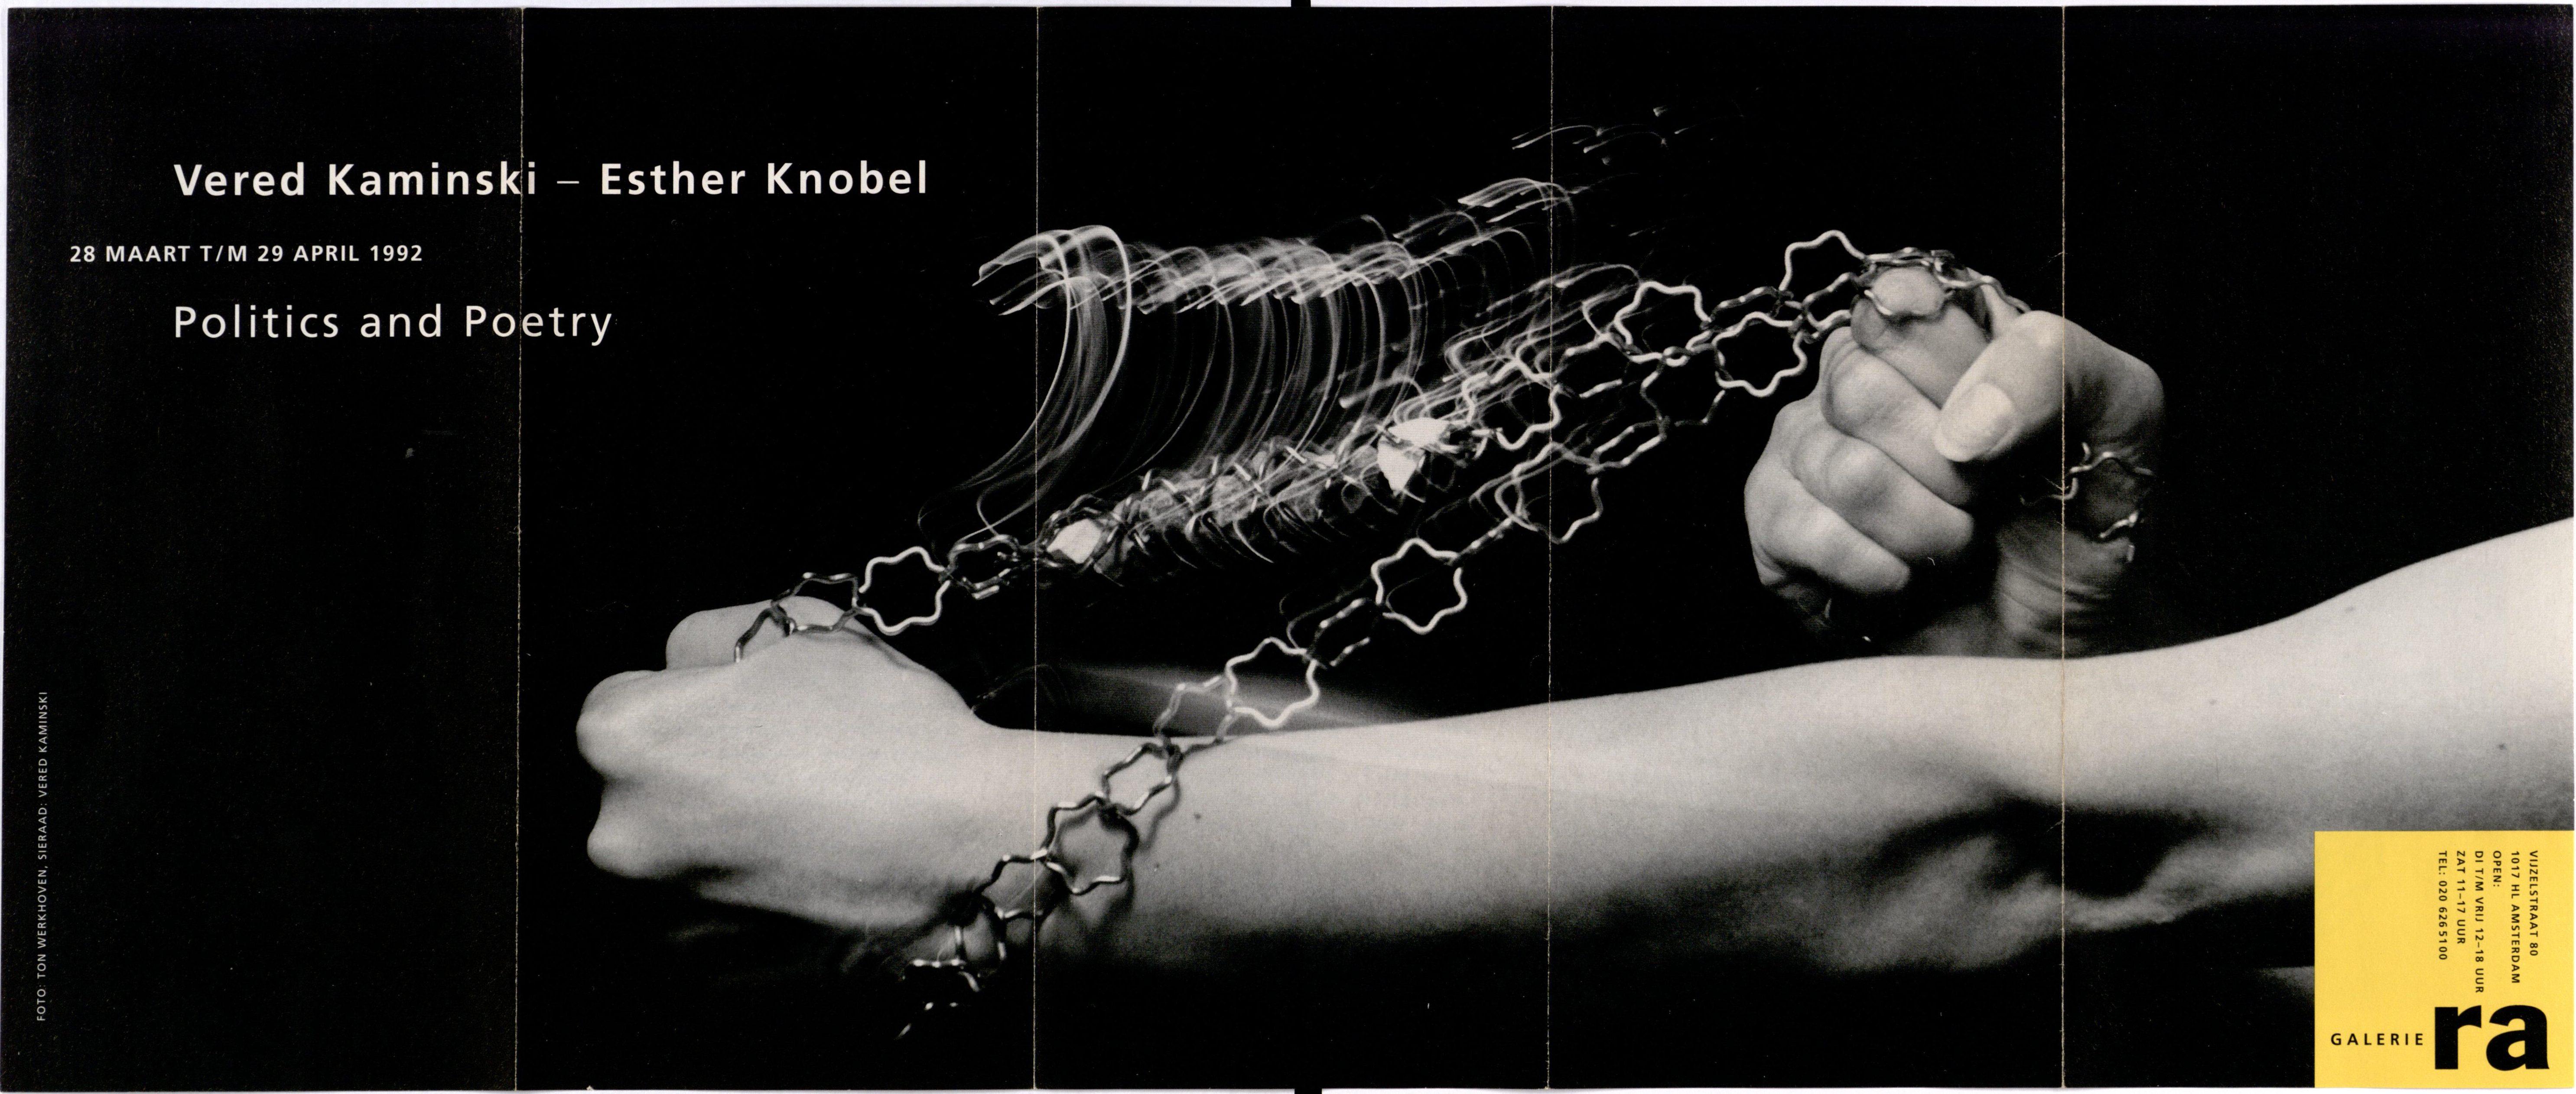 Ra Bulletin 65, maart 1992, voorzijde met foto van Ton Werkhoven© met sieraad van Vered Kaminski, drukwerk, papier, metaal